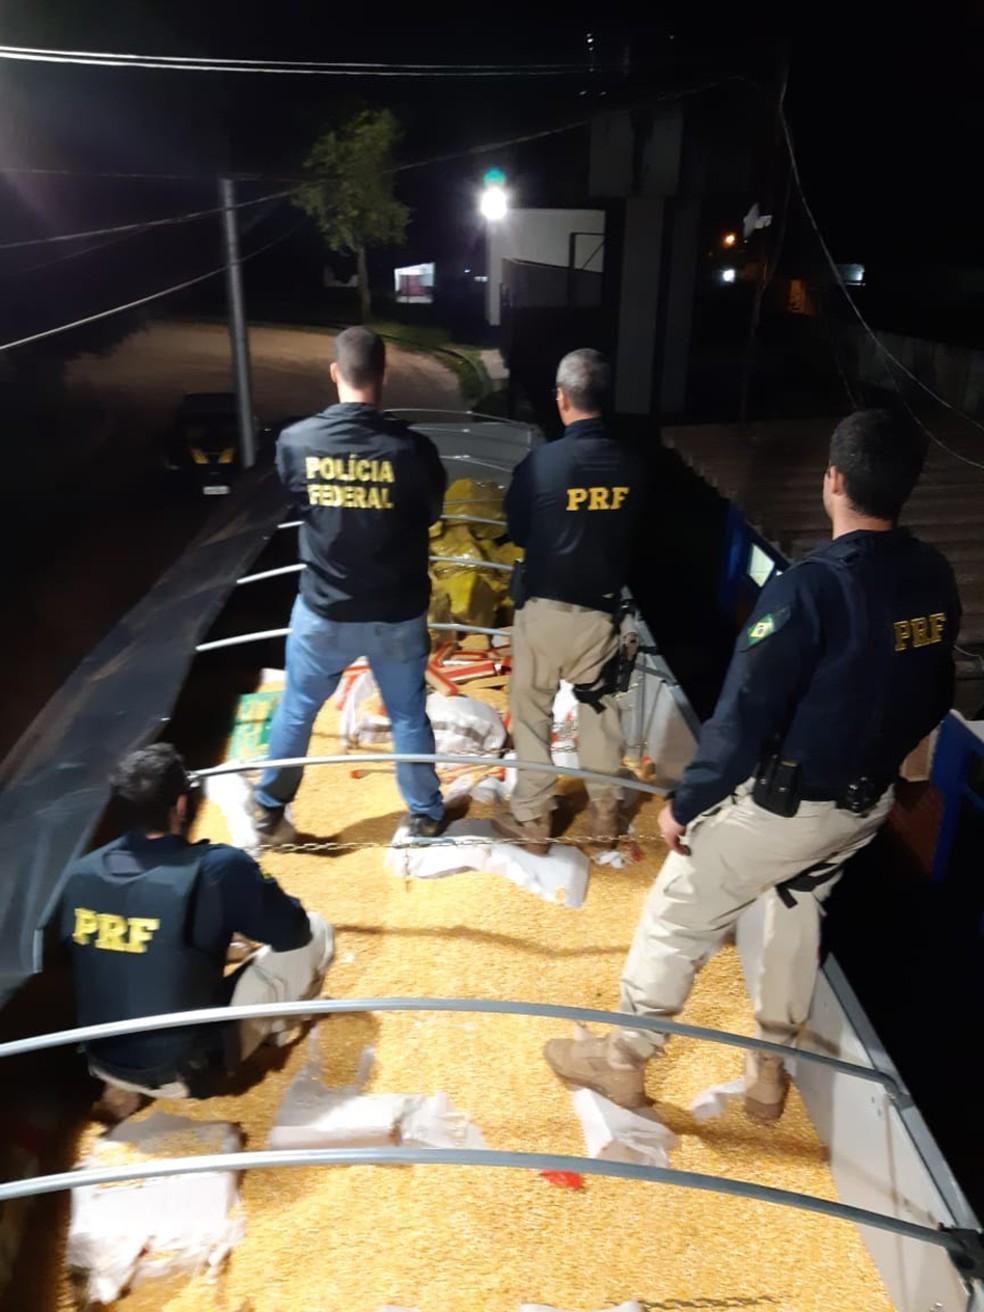 Carregamento de 28 toneladas de maconha estava escondido em meio a carga de milho em grão — Foto: PRF/Divulgação